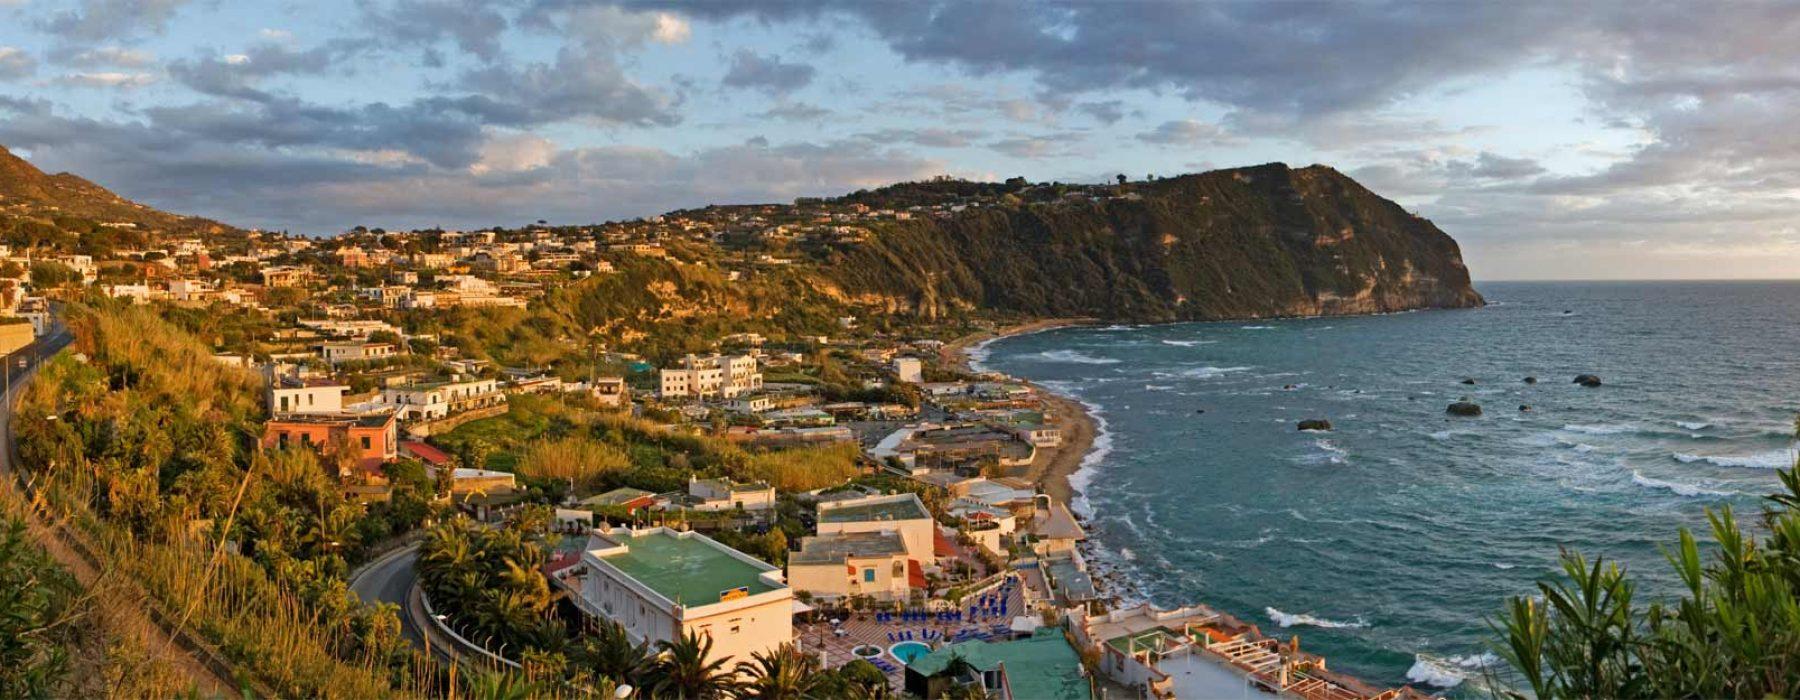 Königreich der zwei Sizilien: schöne grüne Terrassen mit Blick auf das Meer, Mortella, Negombo und Villa San Michele